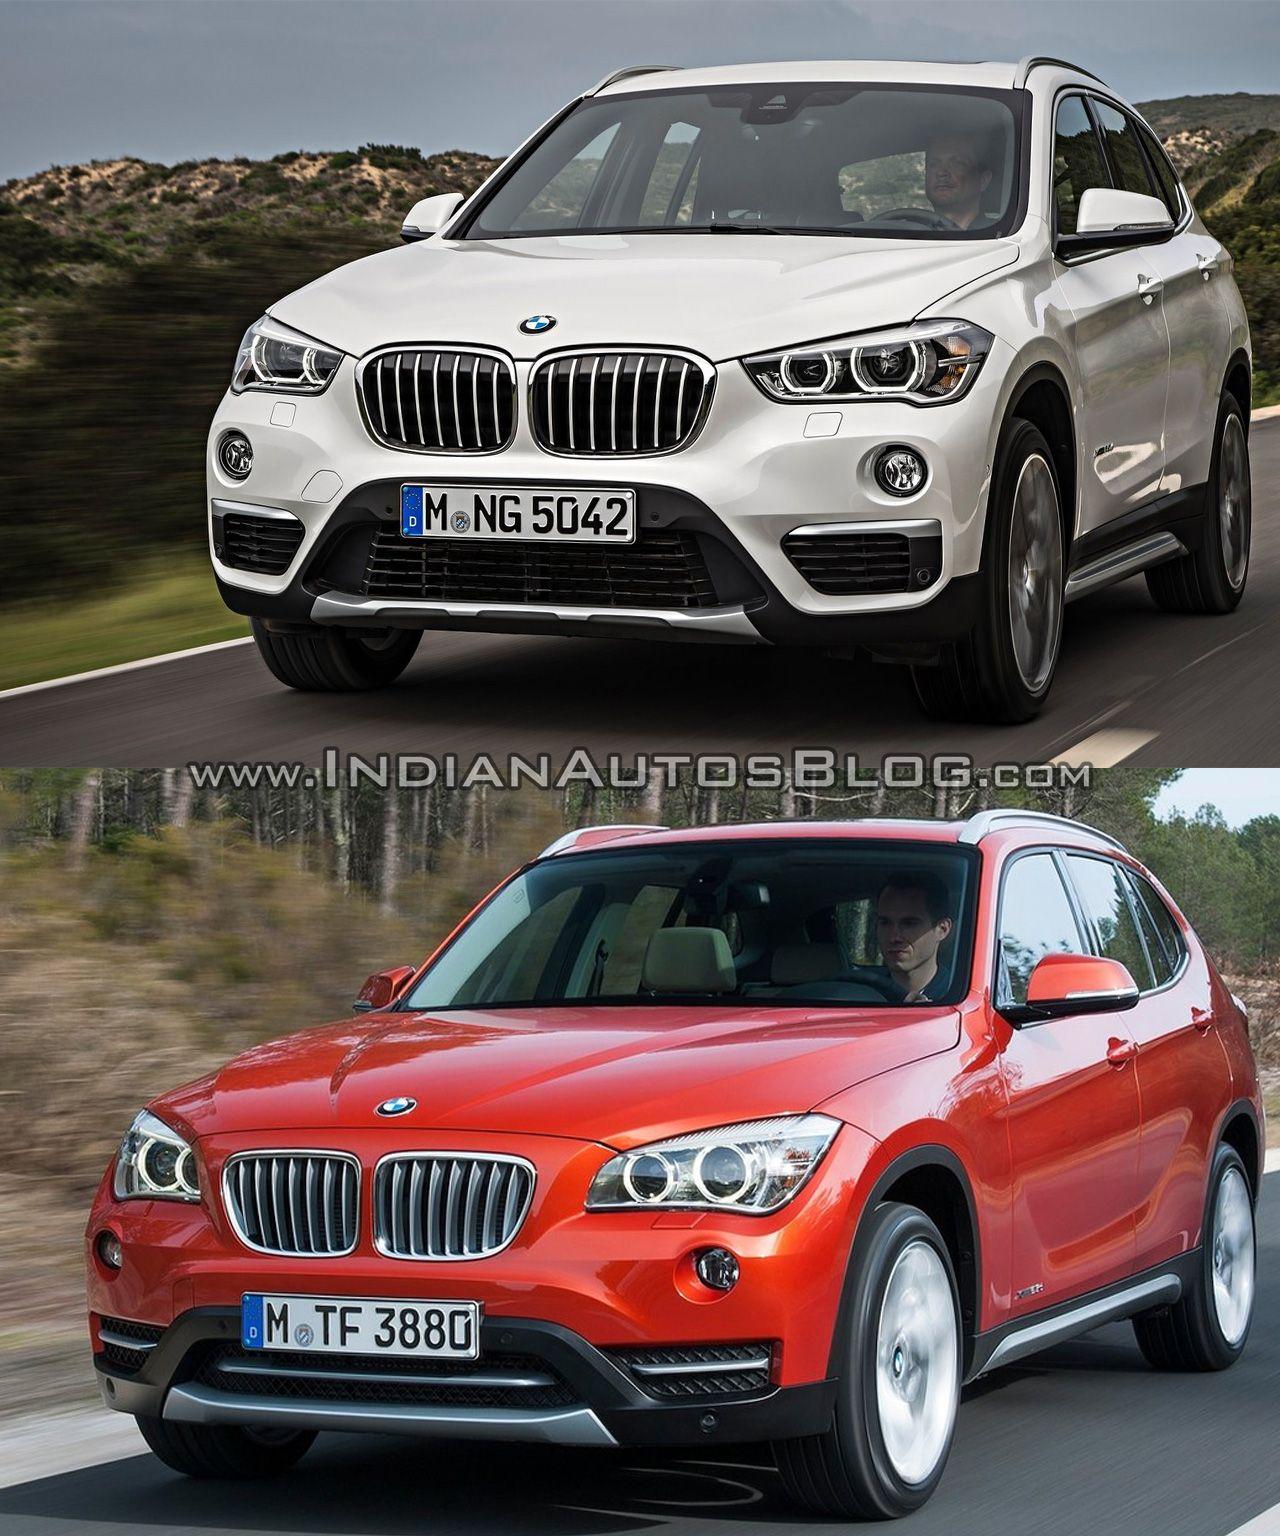 2016 BMW X1 vs 2014 BMW X1 Old vs New Bmw, Bavarian